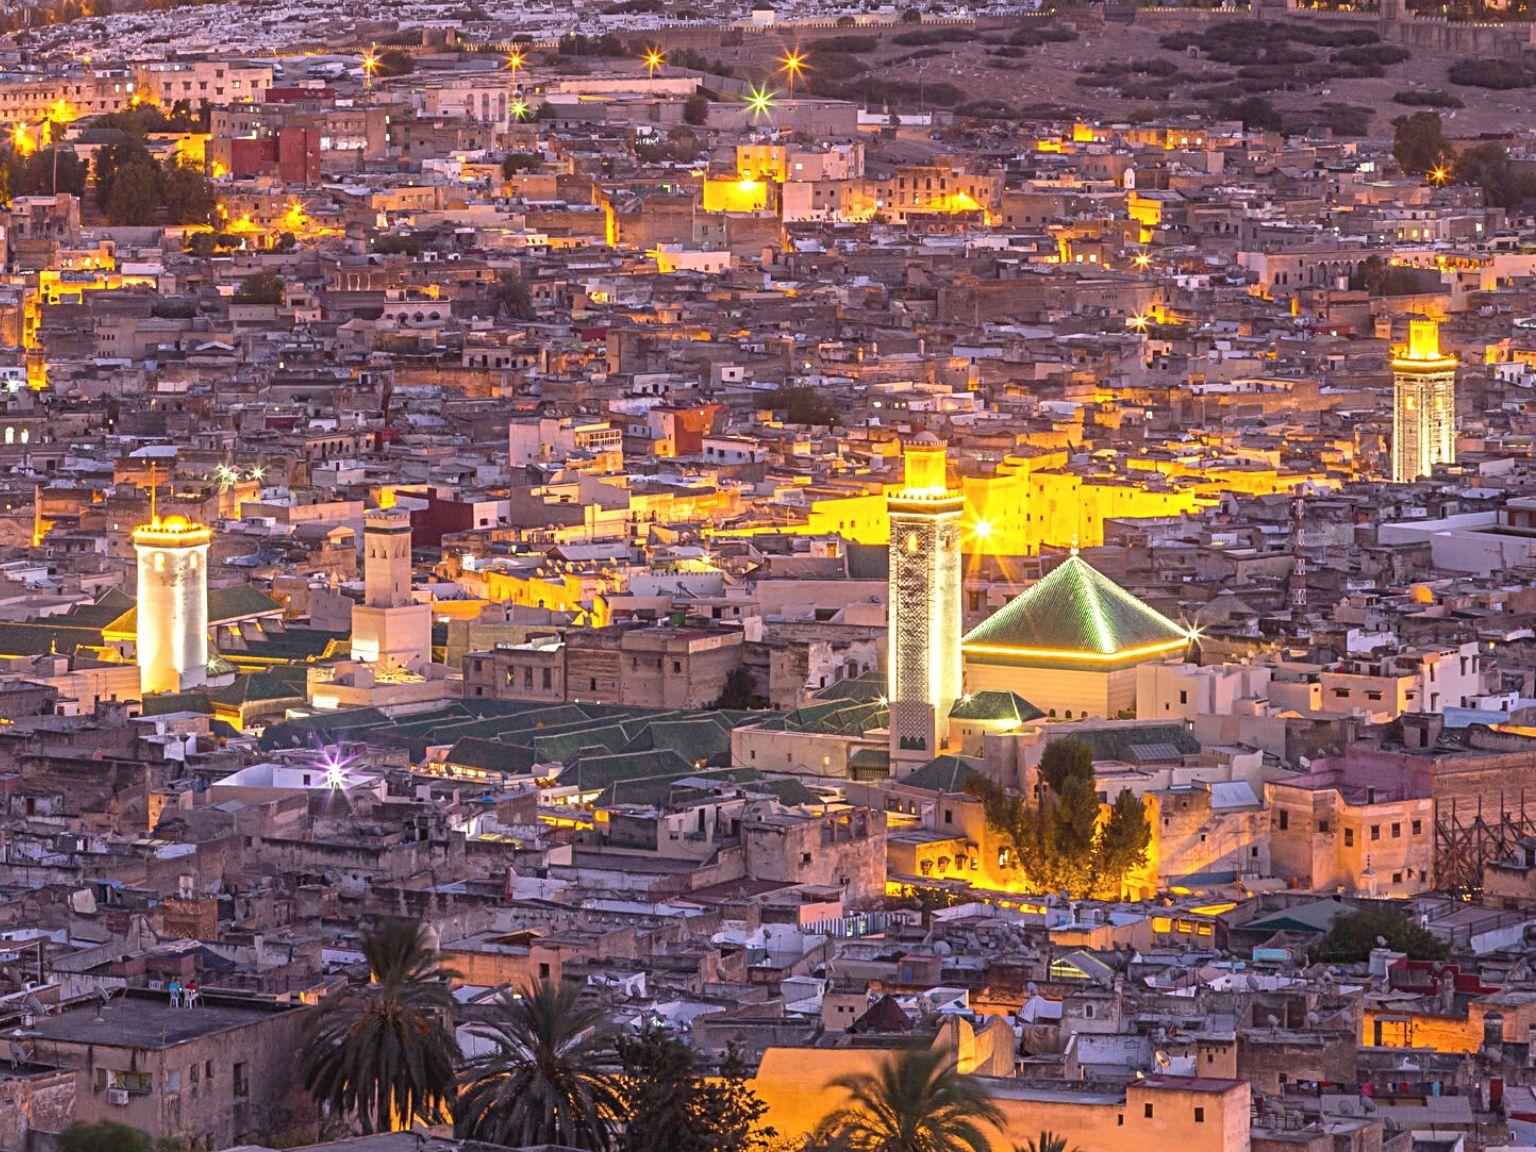 Qué es una Medina en Marruecos